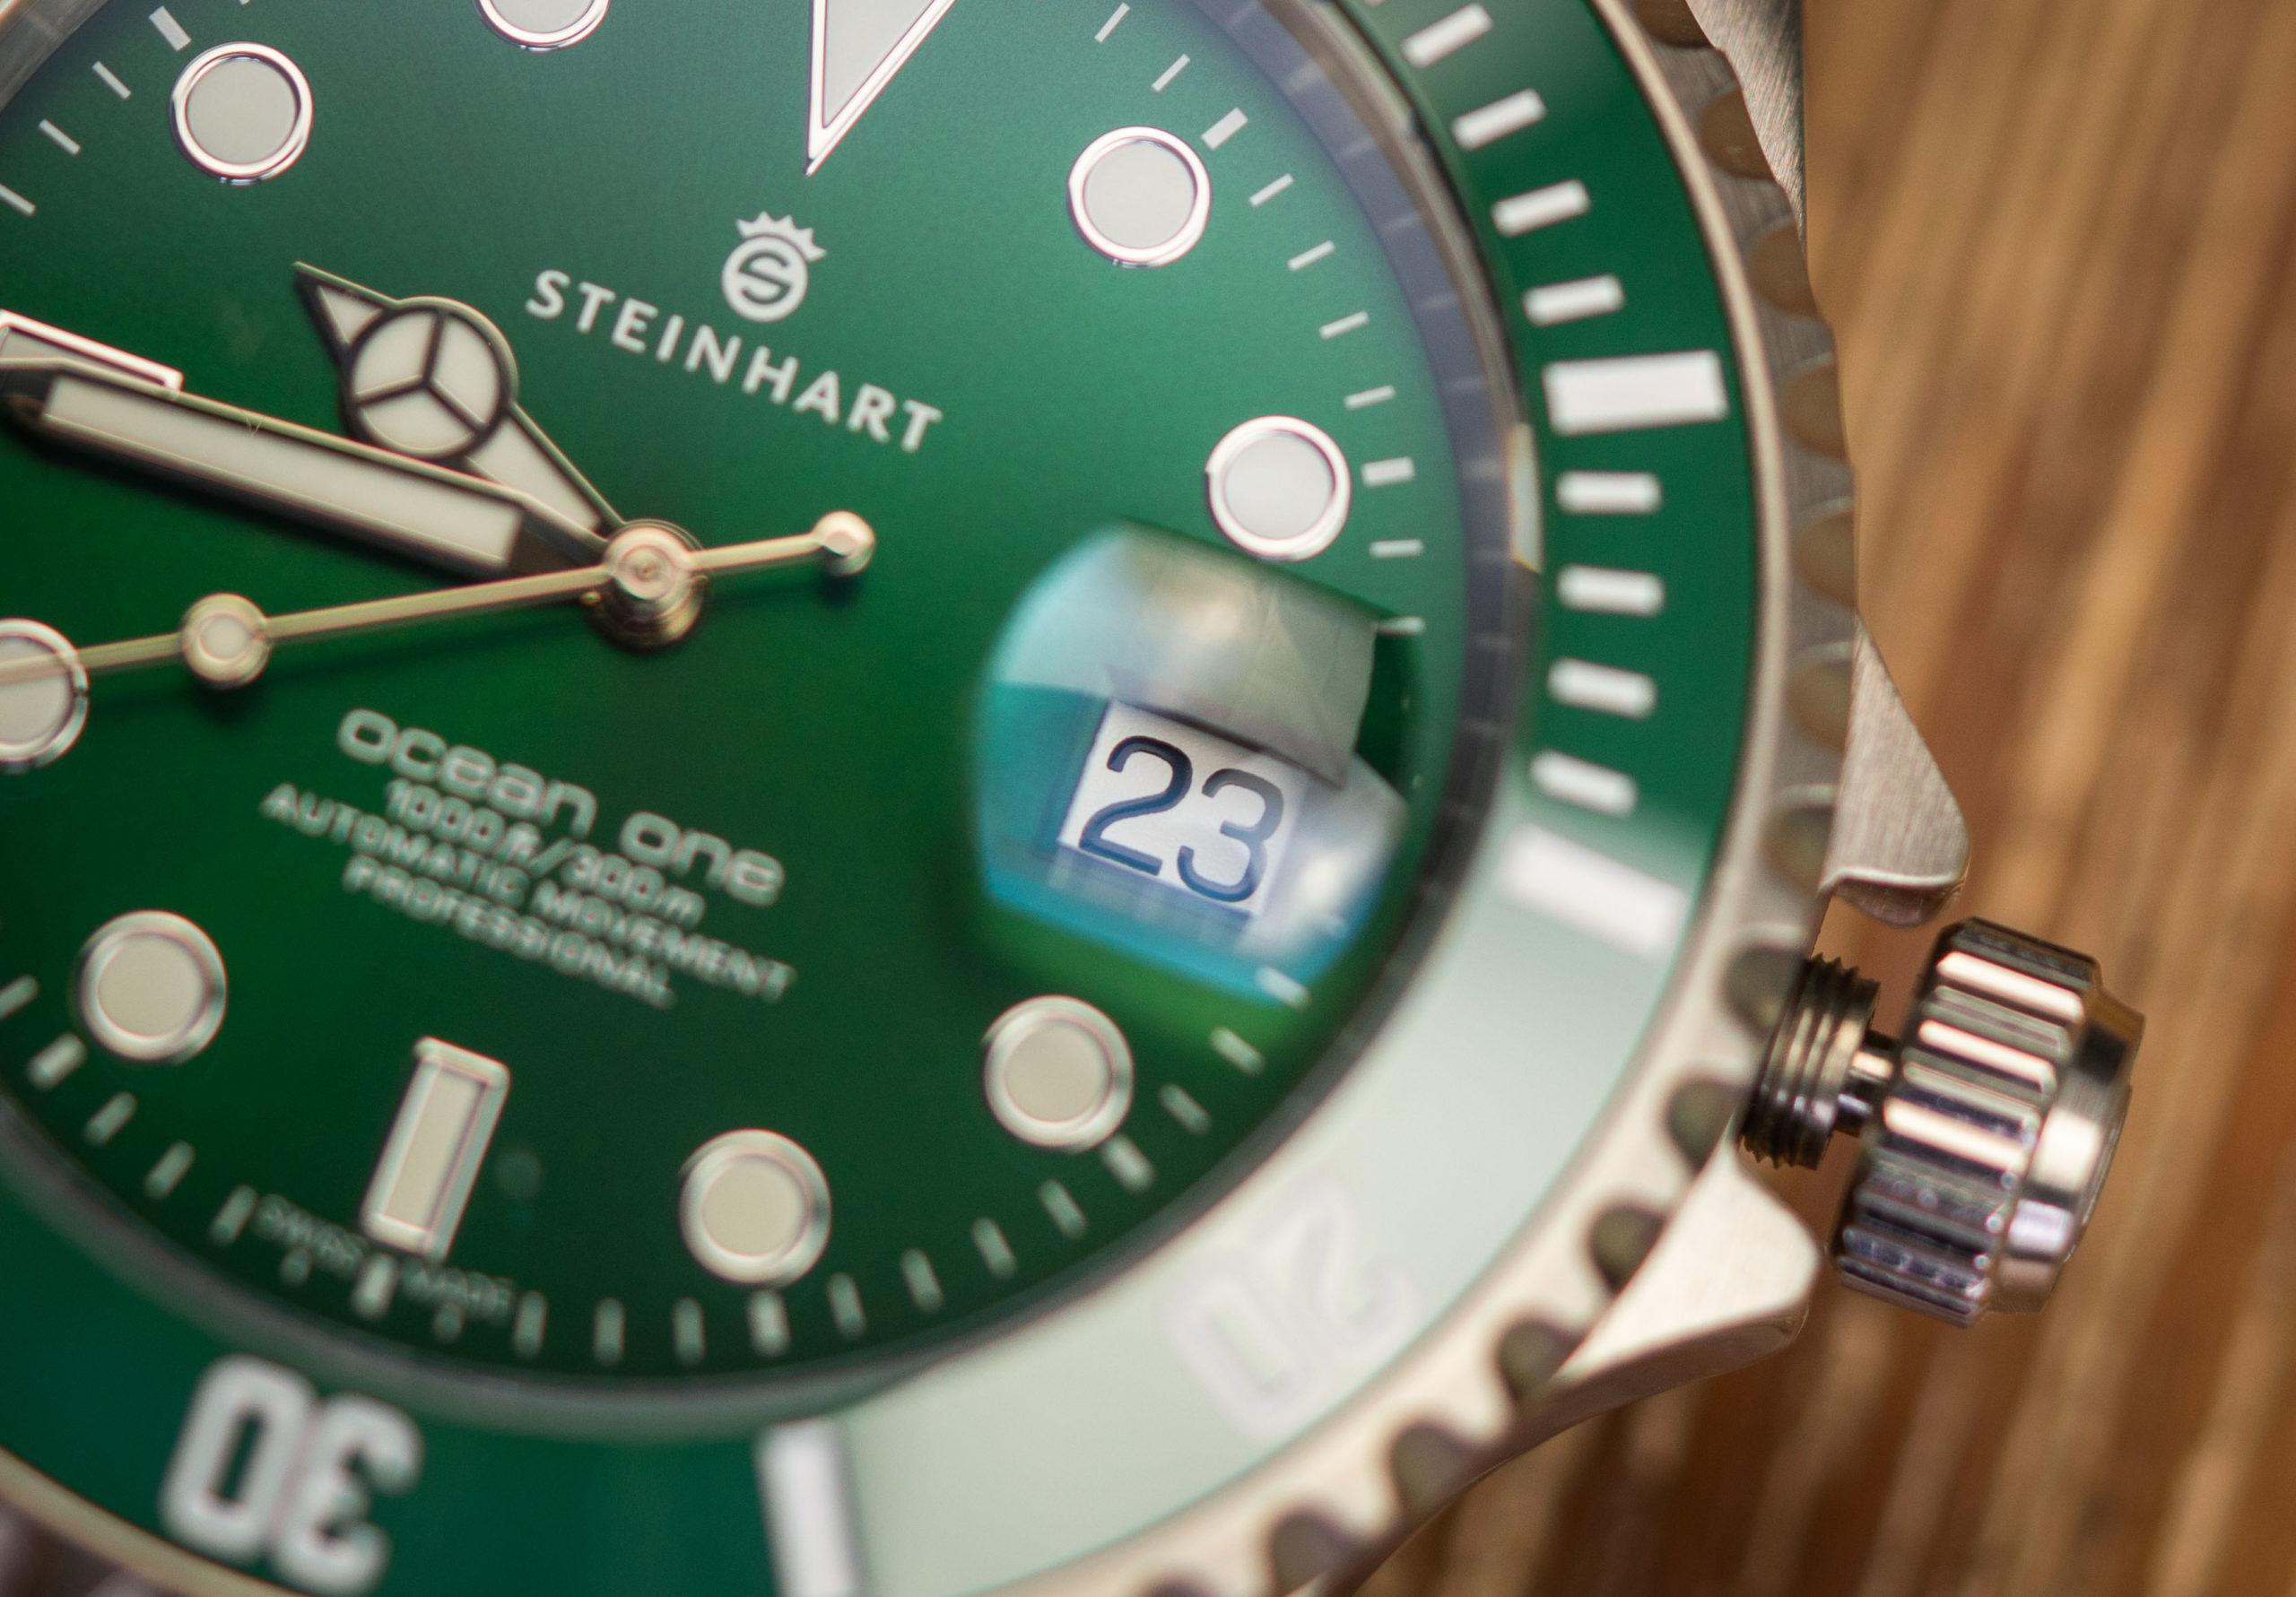 Steinhart-Ocean-One-Rolex-Hommage-Grün-42-Test